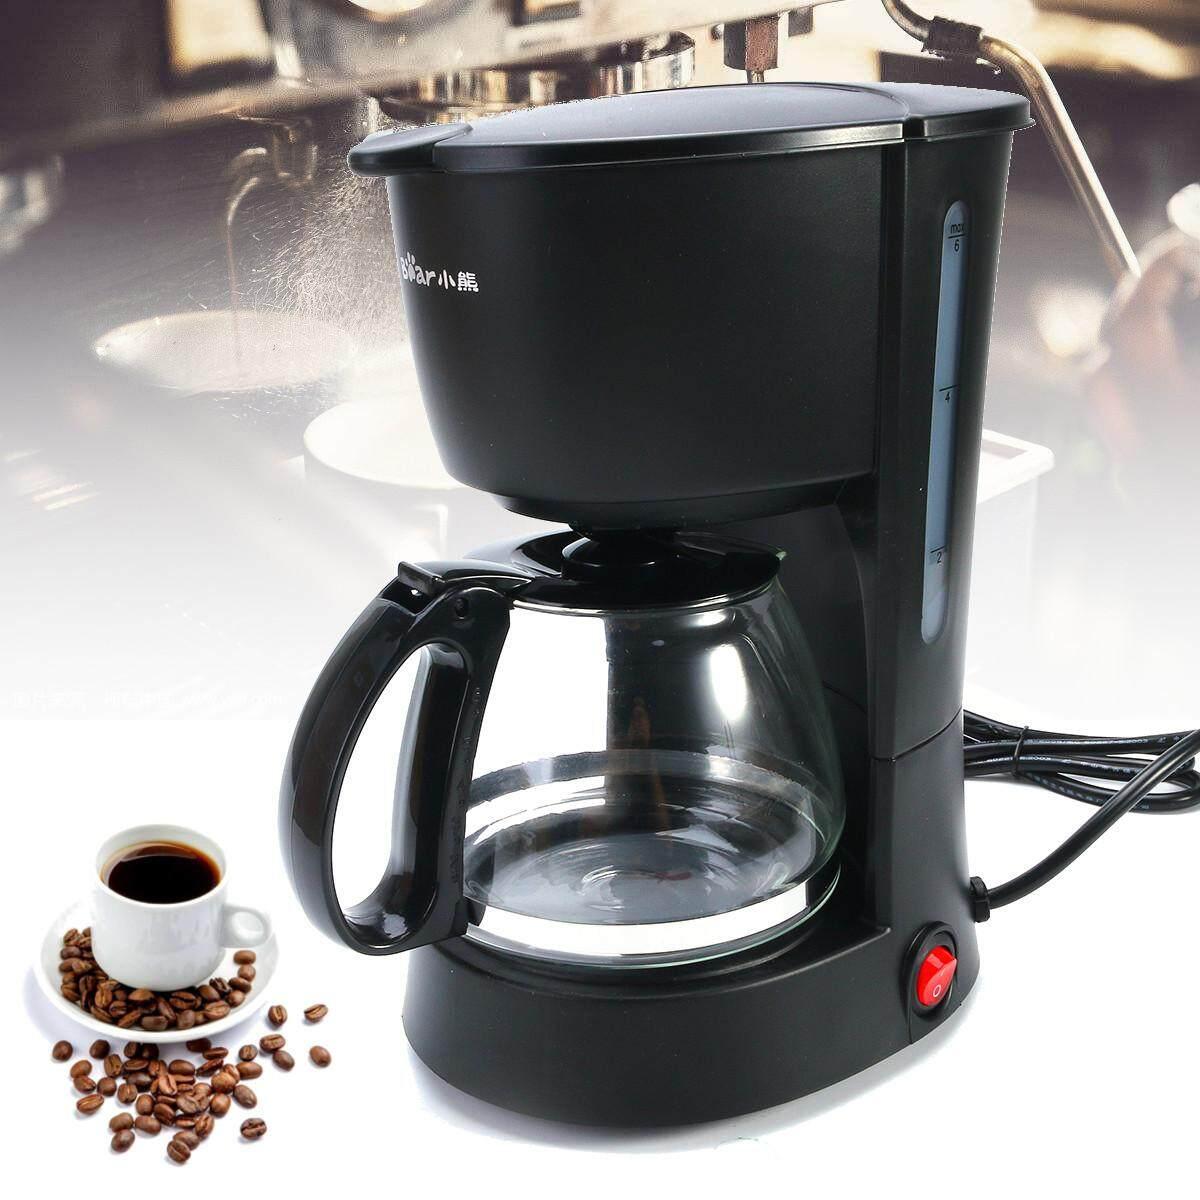 Tự động Chuyên Nghiệp Cappuccino Latte Pha Cà Phê Tự Động Cà Phê Máy Nhà